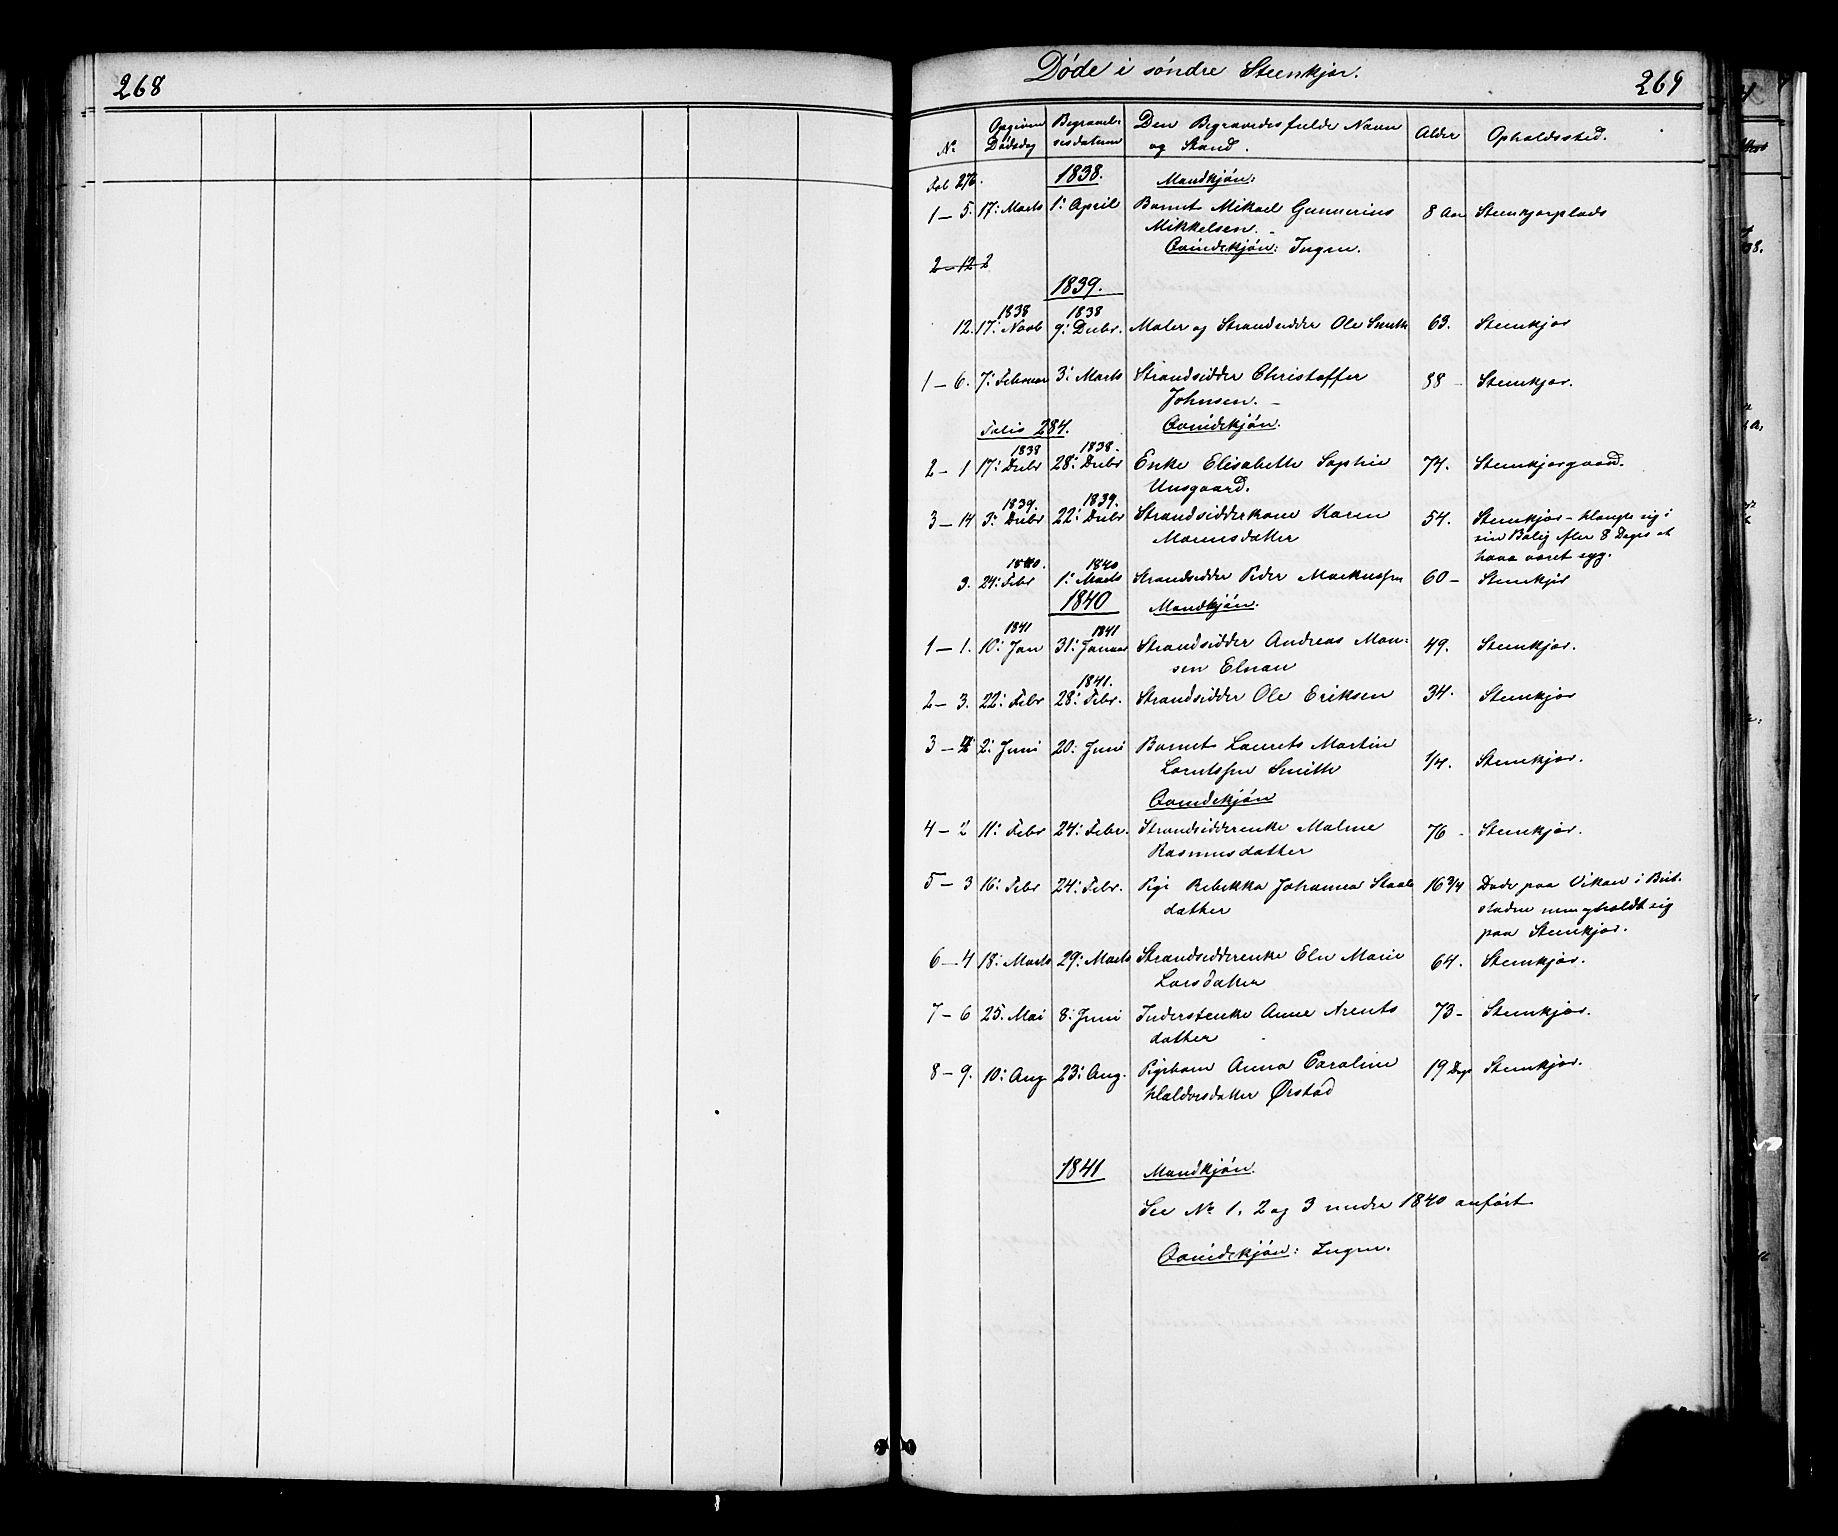 SAT, Ministerialprotokoller, klokkerbøker og fødselsregistre - Nord-Trøndelag, 739/L0367: Ministerialbok nr. 739A01 /1, 1838-1868, s. 268-269